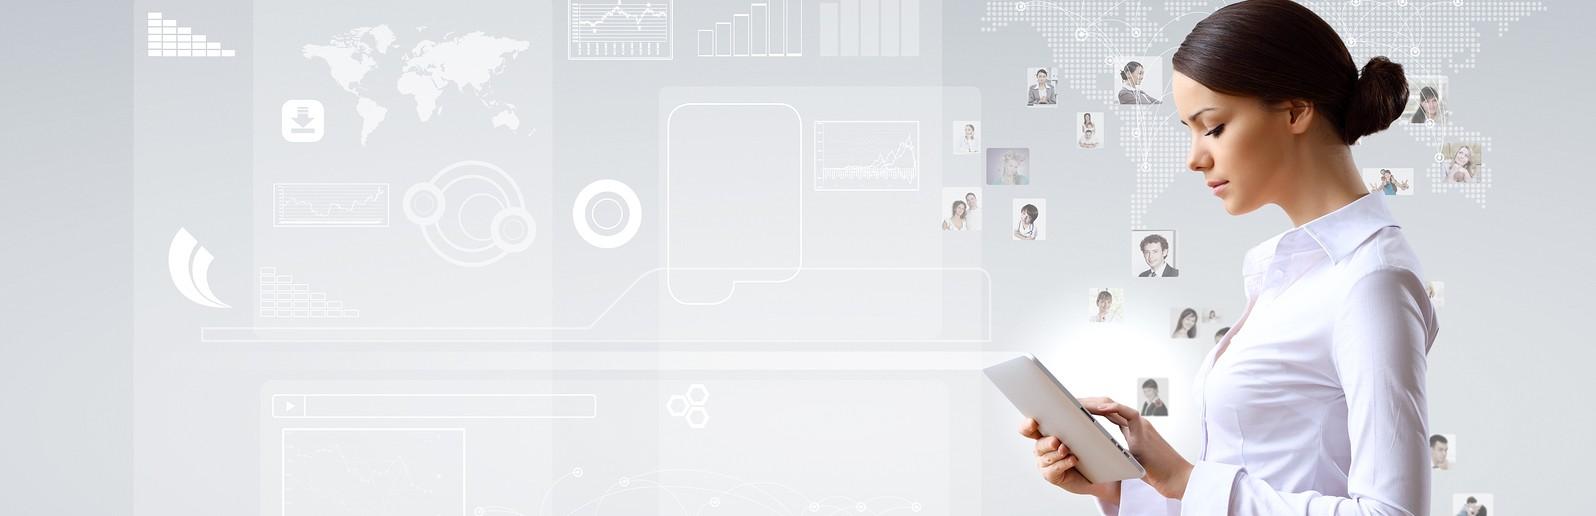 Content Suite Platform